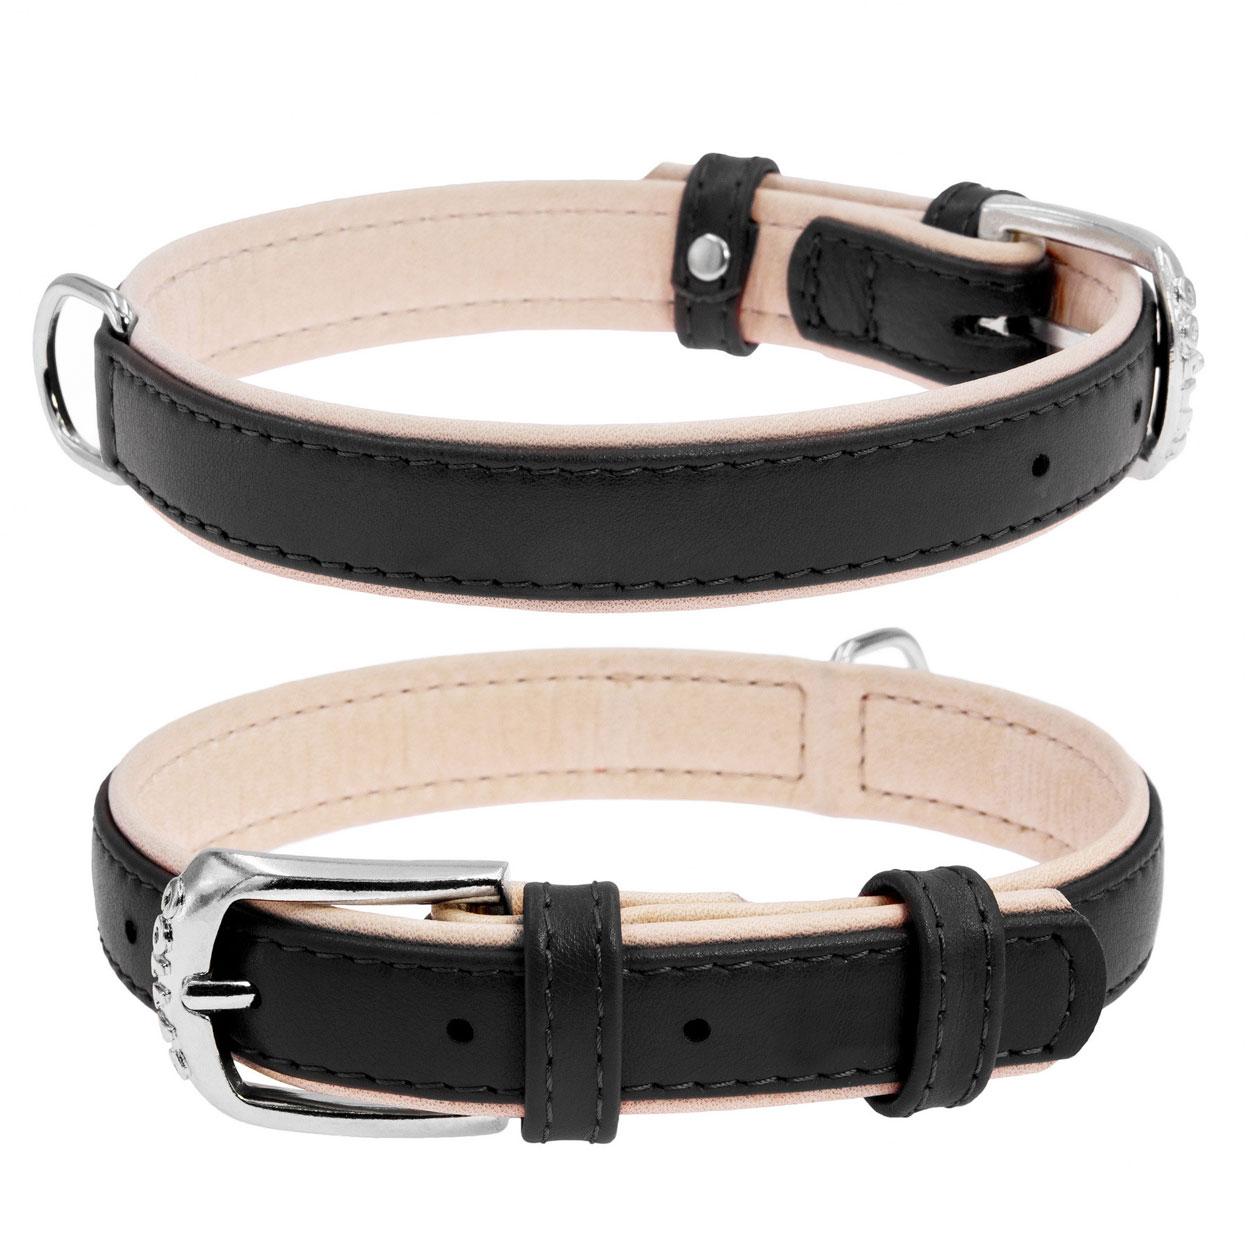 COLLAR Brilliance ошейник для собак, 35 мм, 57-71 см